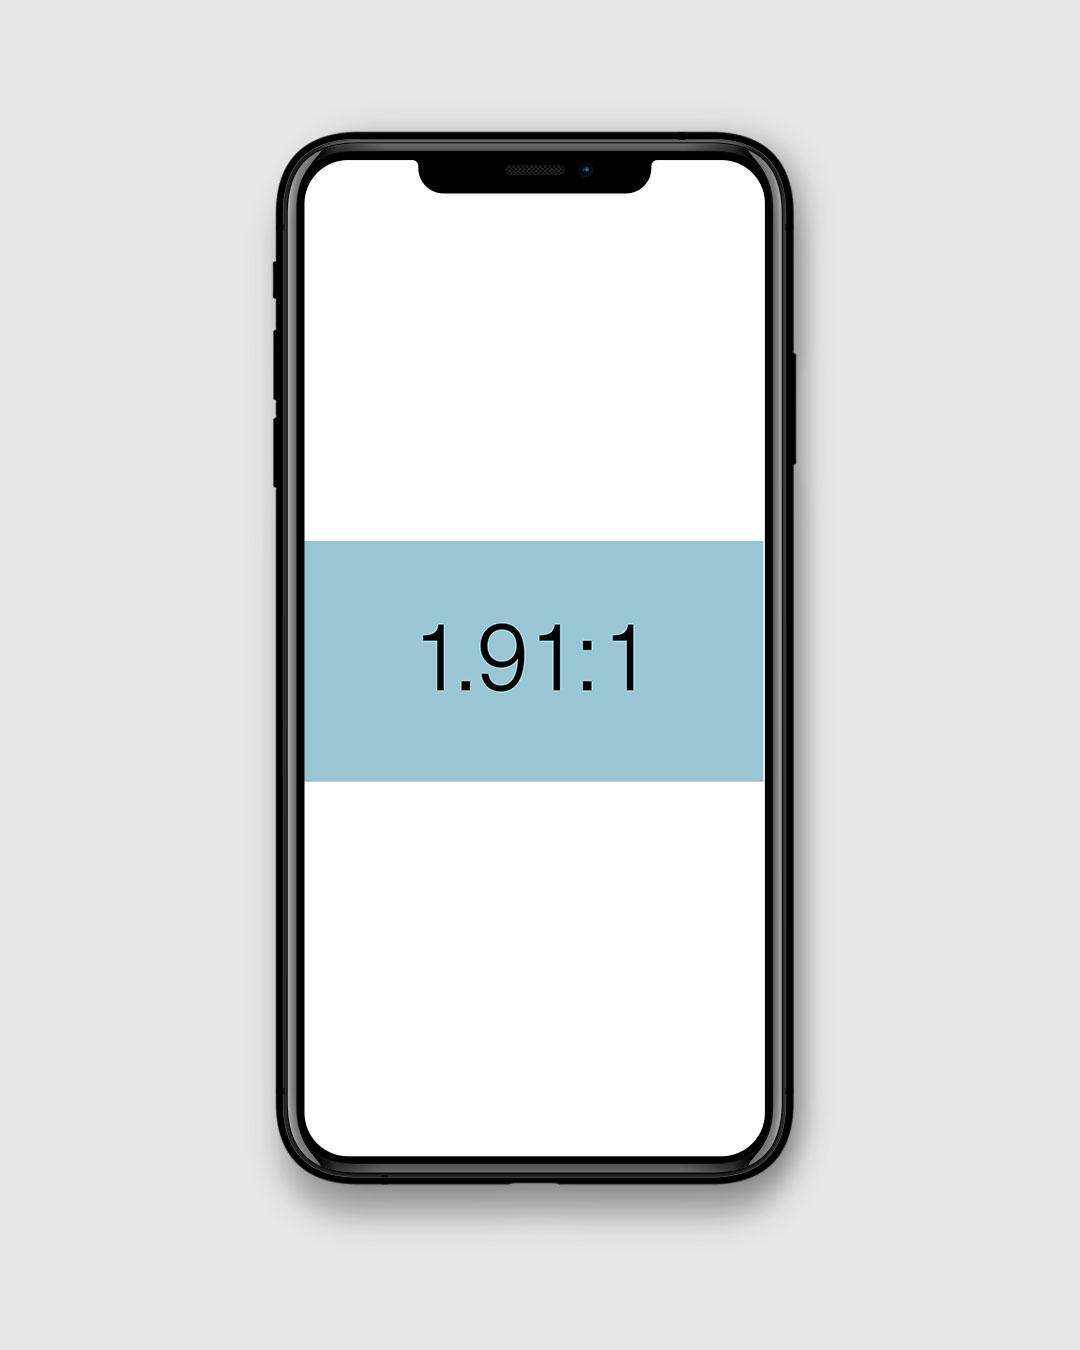 ohHello Design | Ressurser | Bildestørrelse 1,91:1